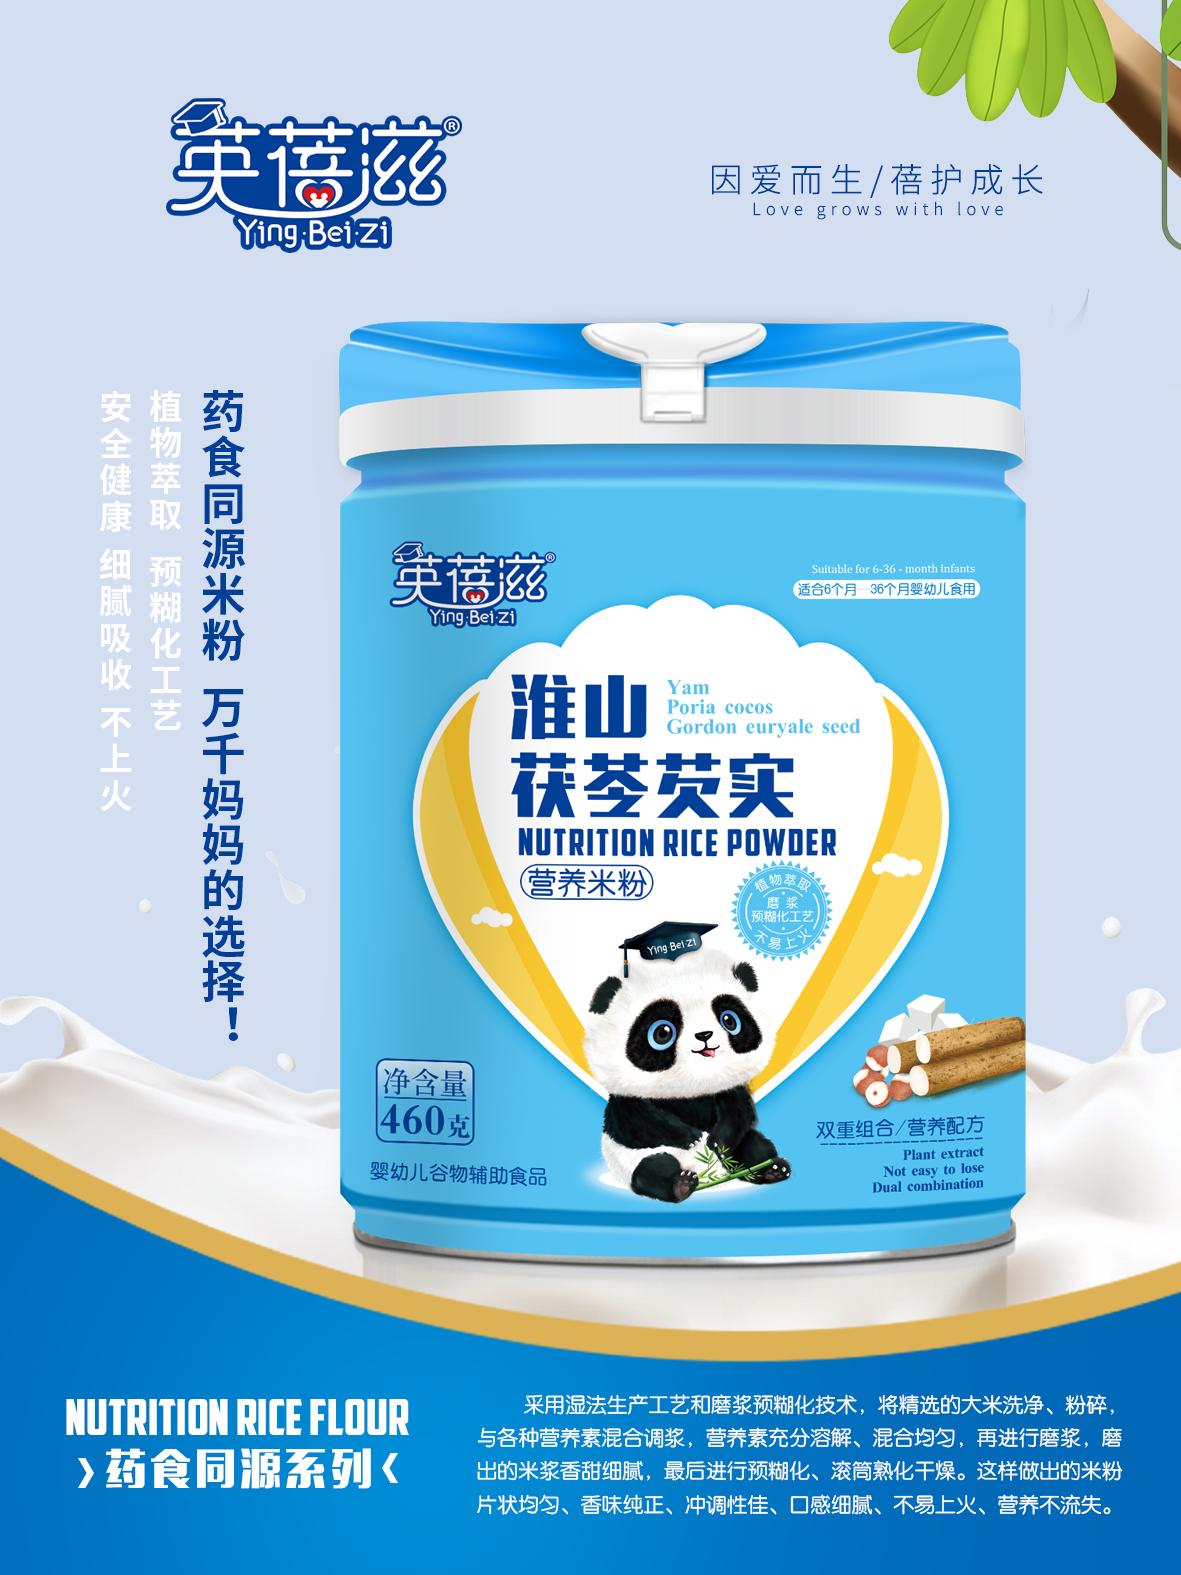 英蓓滋淮山茯苓芡实营养米粉